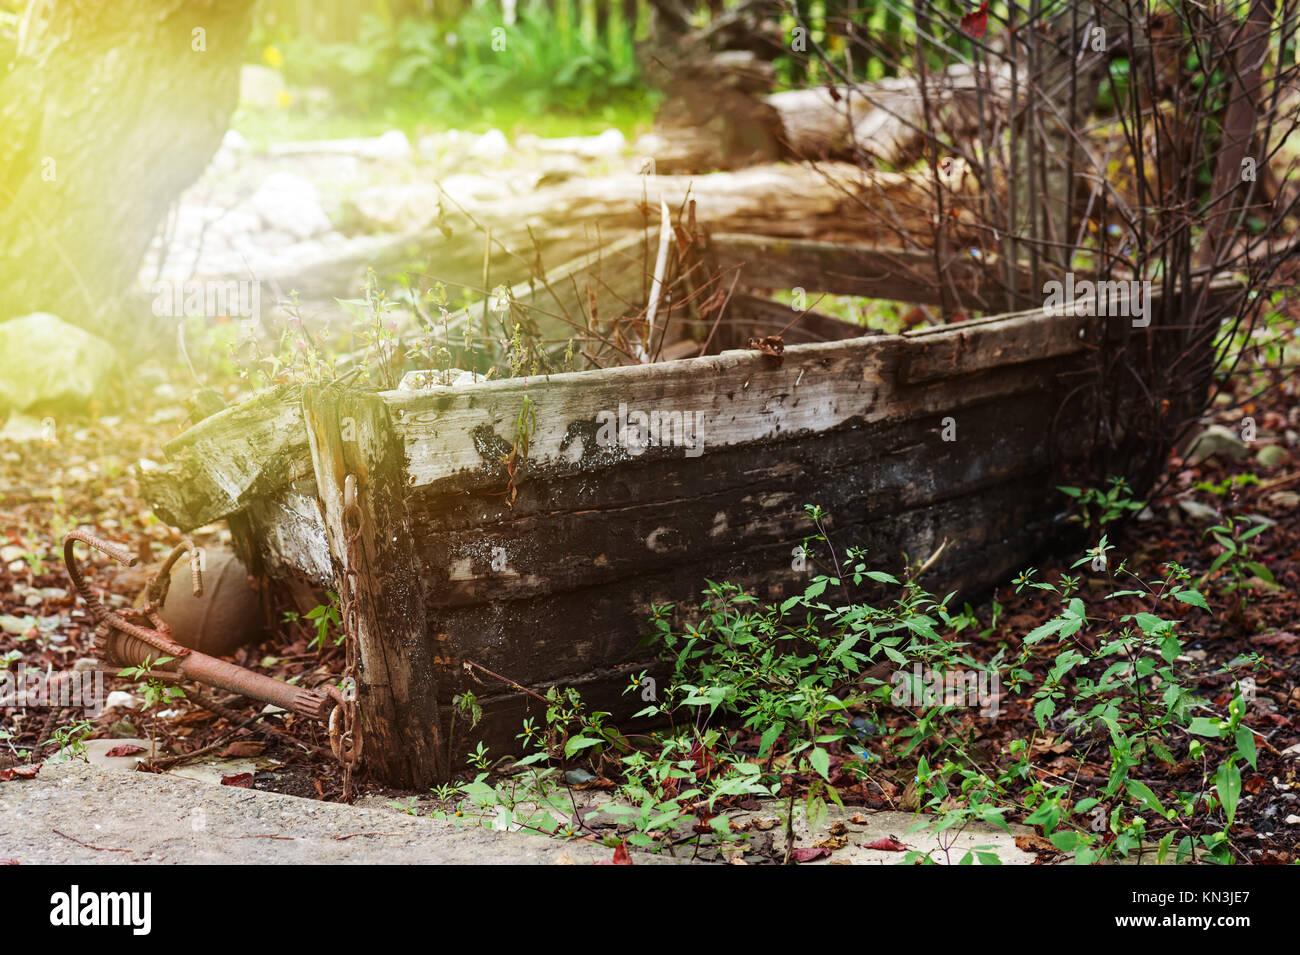 Last place of old broken boat in autumn garden. Vladivostok, Russia. - Stock Image